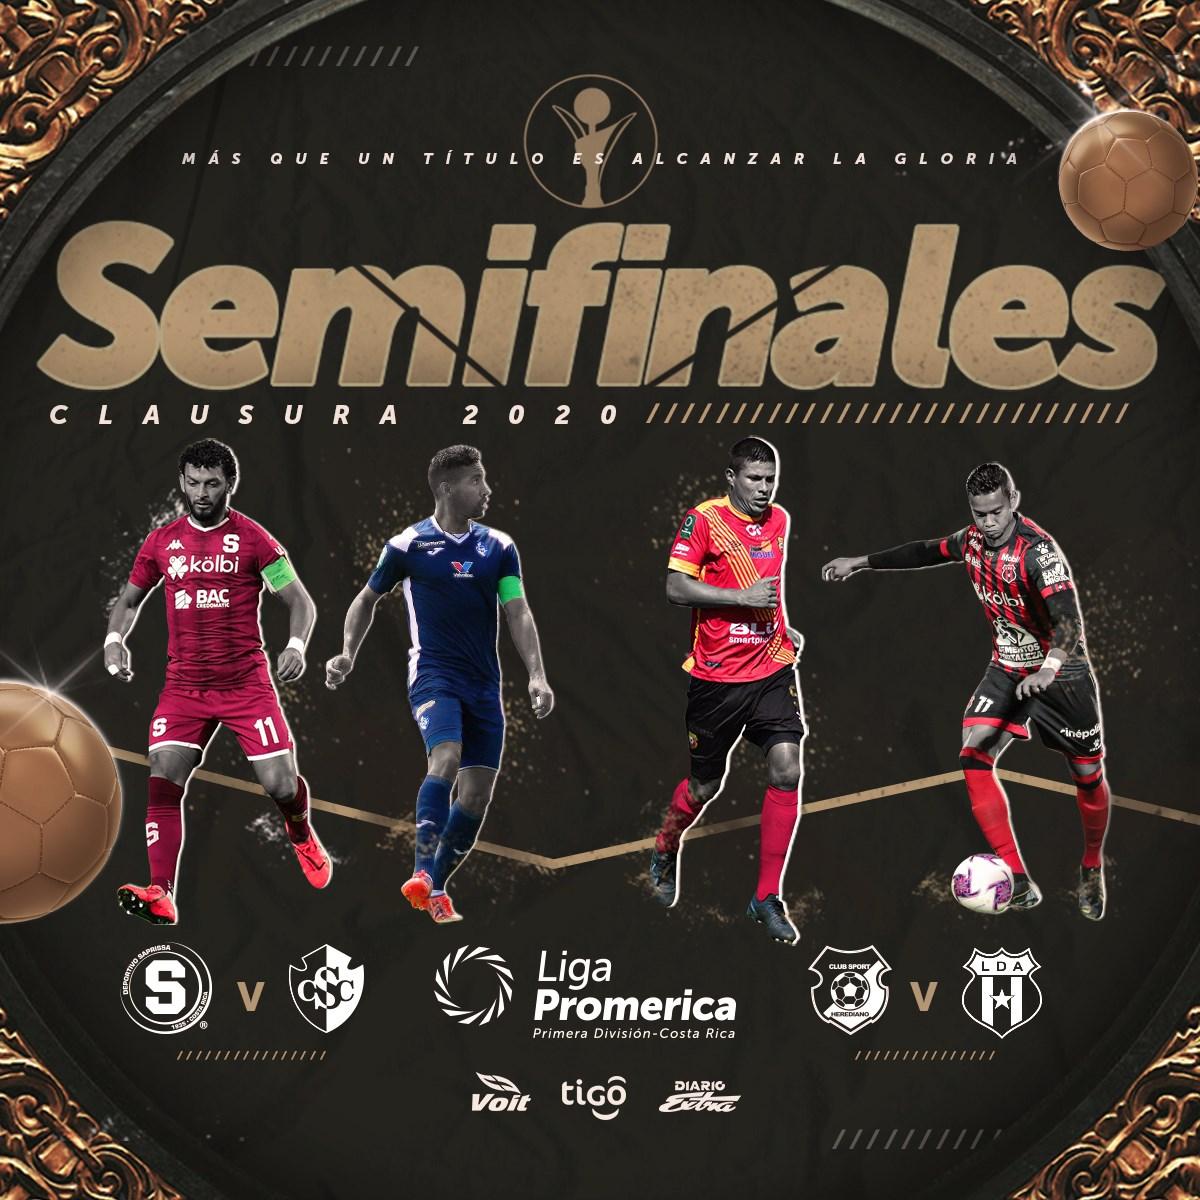 Definida la programación de la ida y vuelta de las semifinales del Clausura 2020.